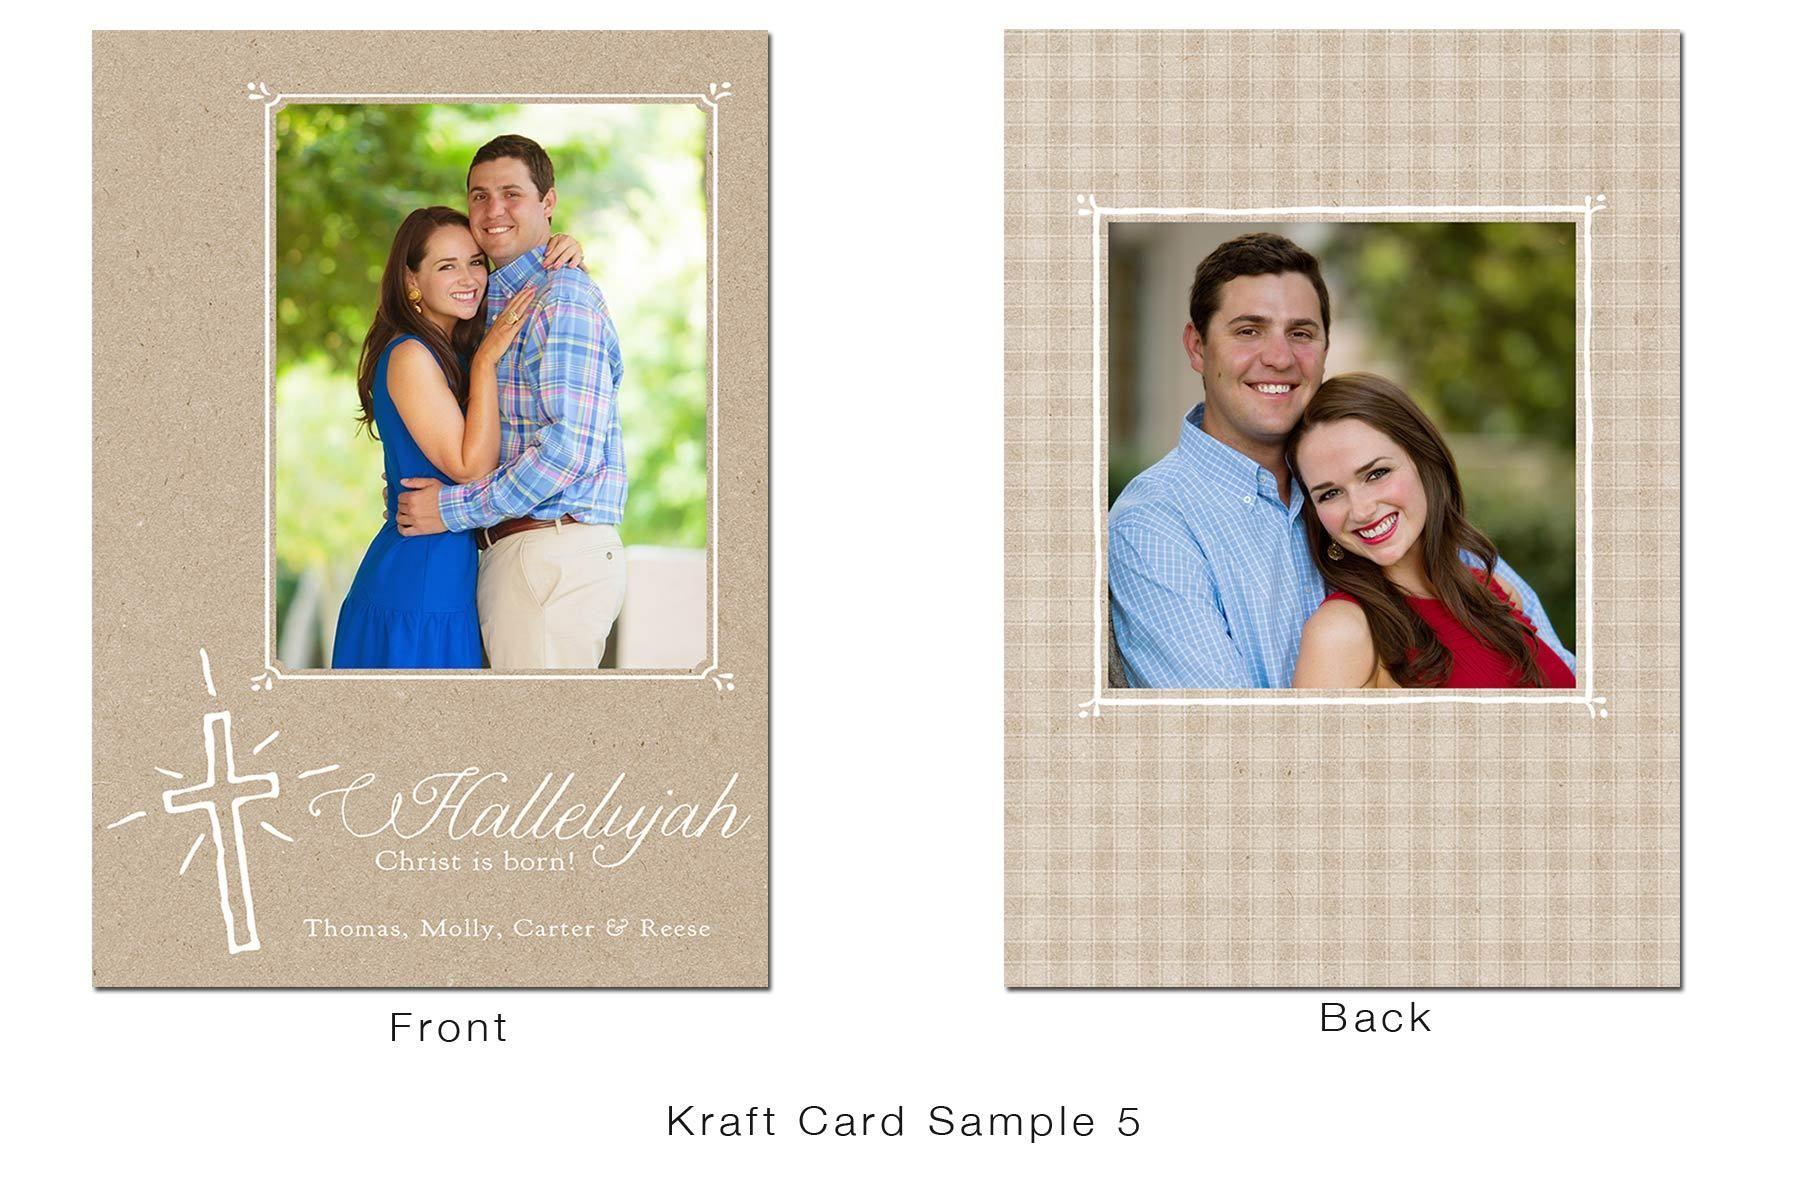 1kraft_card_sample_5.jpg